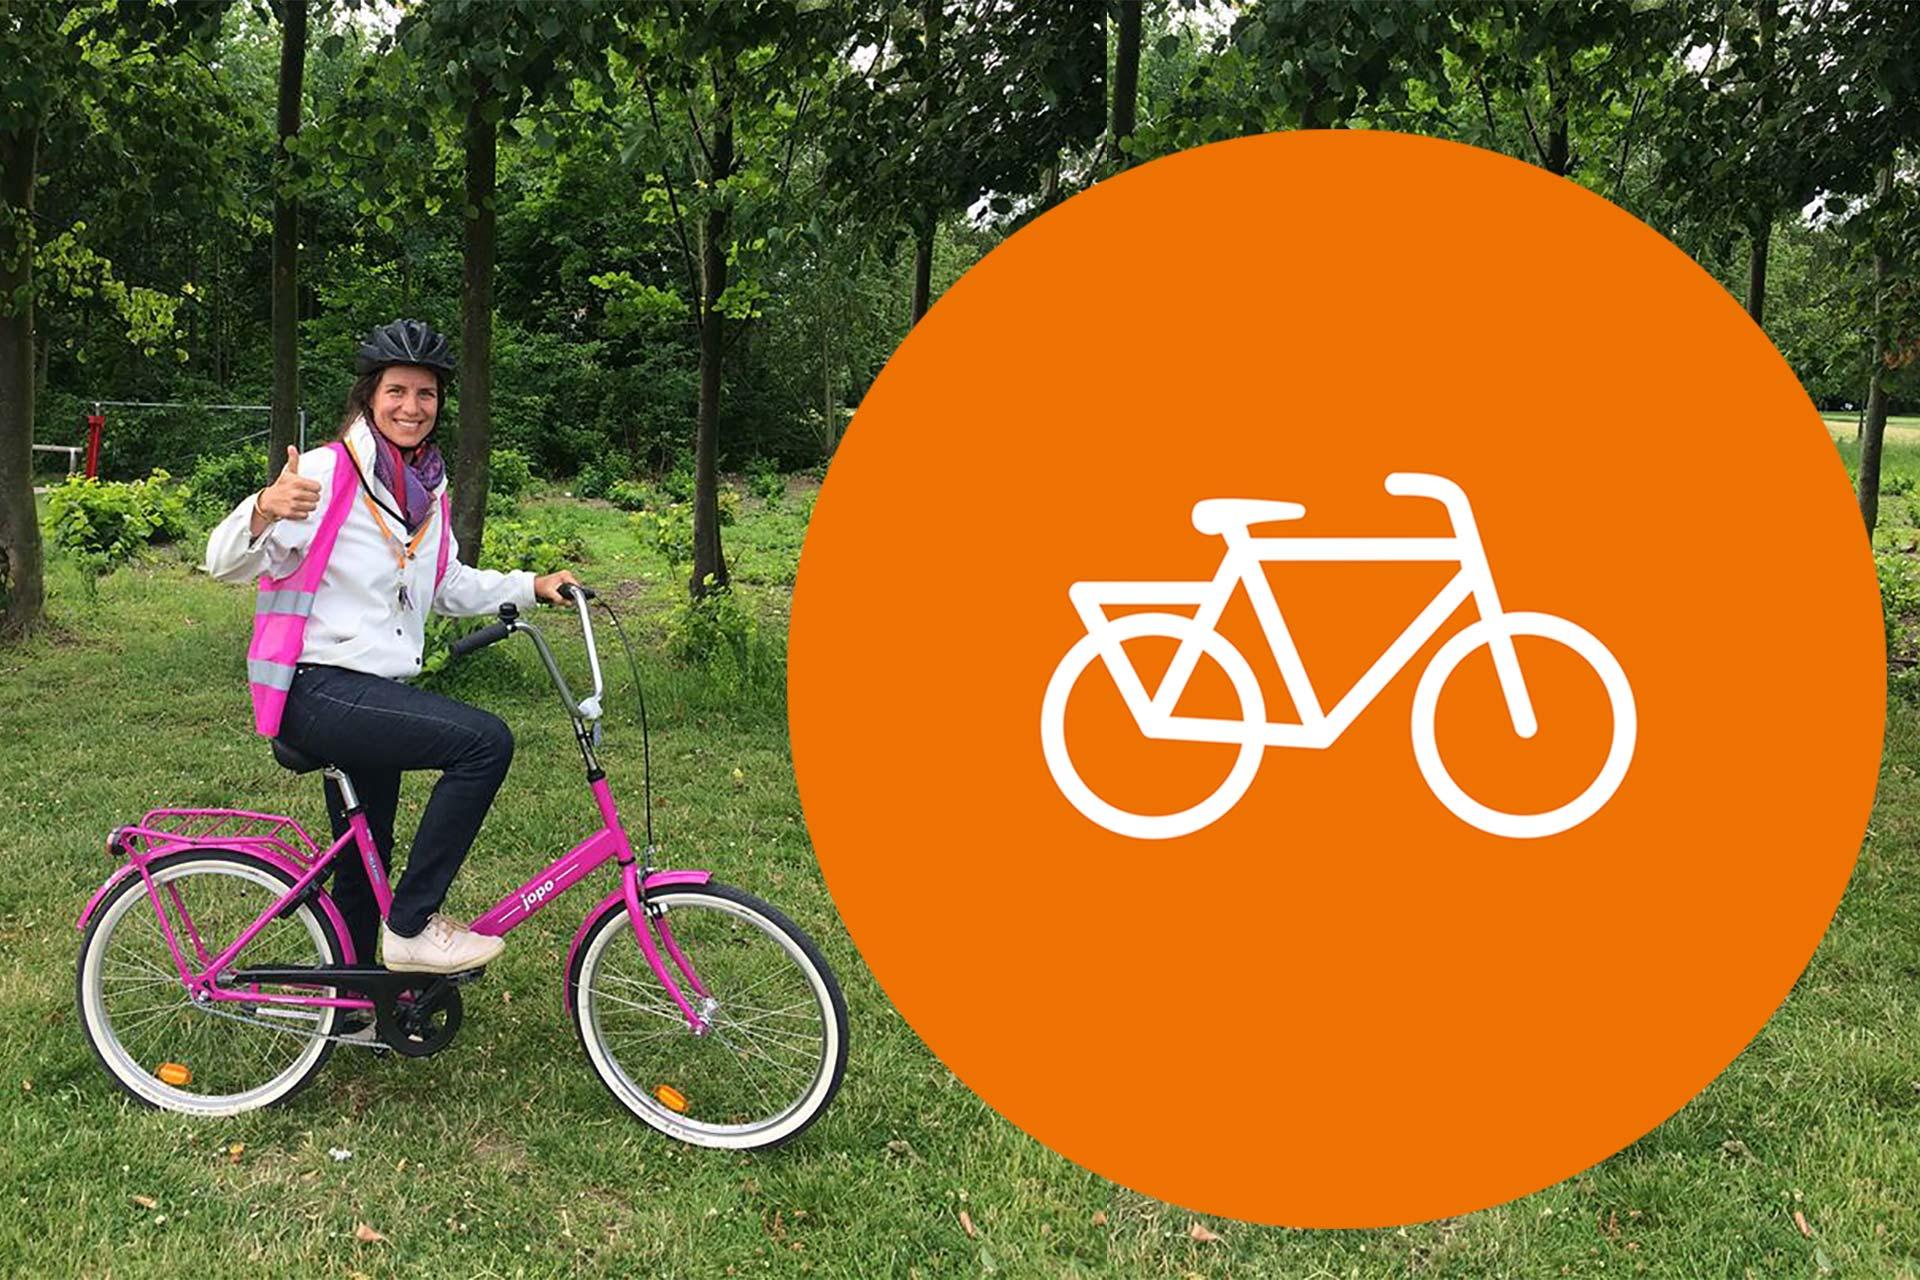 Isabella Thöger, tillförordnad verksamhetschef på Cykelfrämjandet.